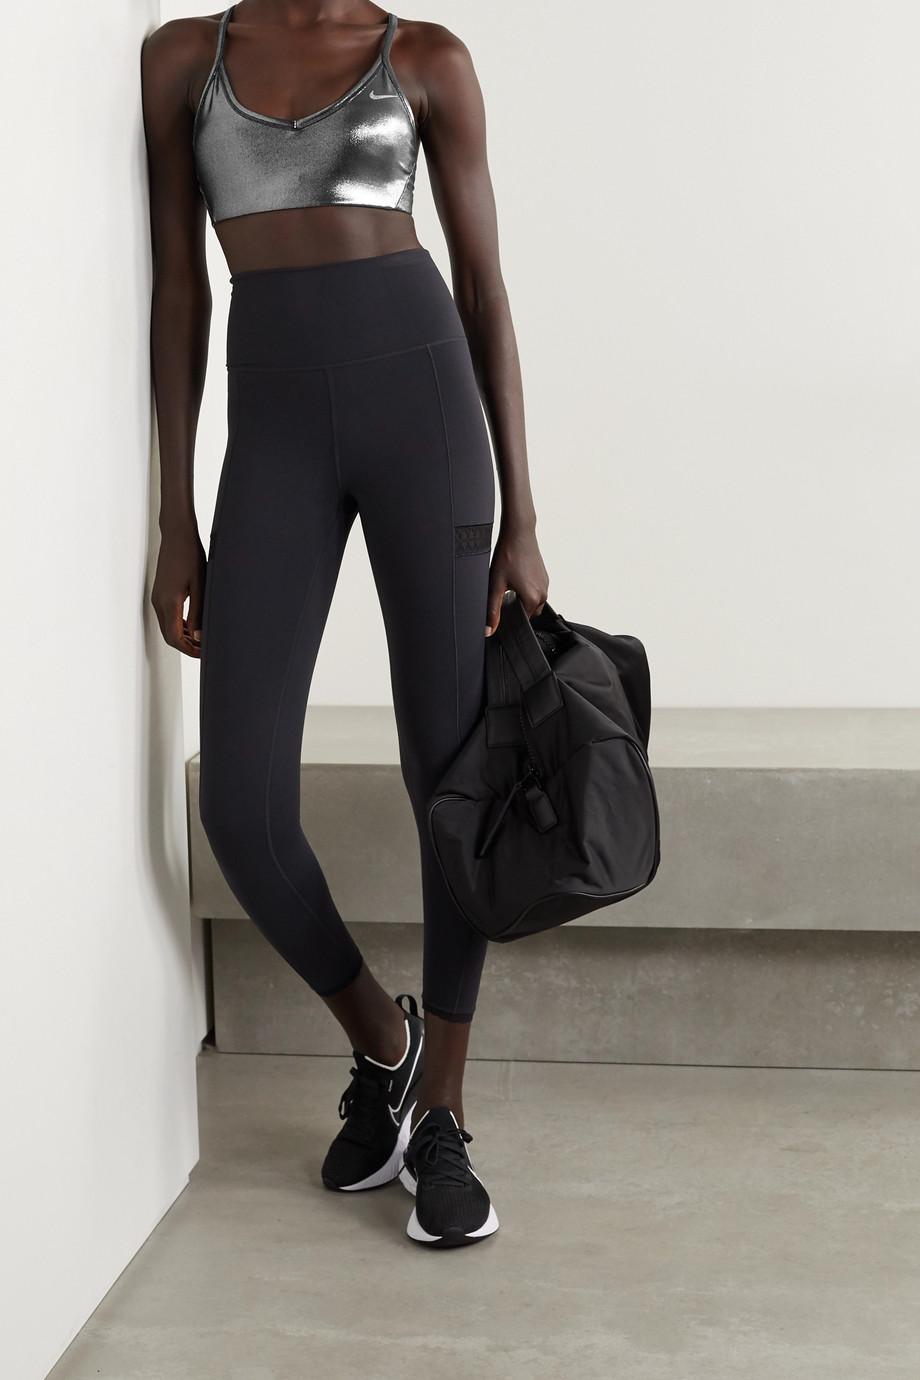 Nike Indy metallic Dri-FIT sports bra